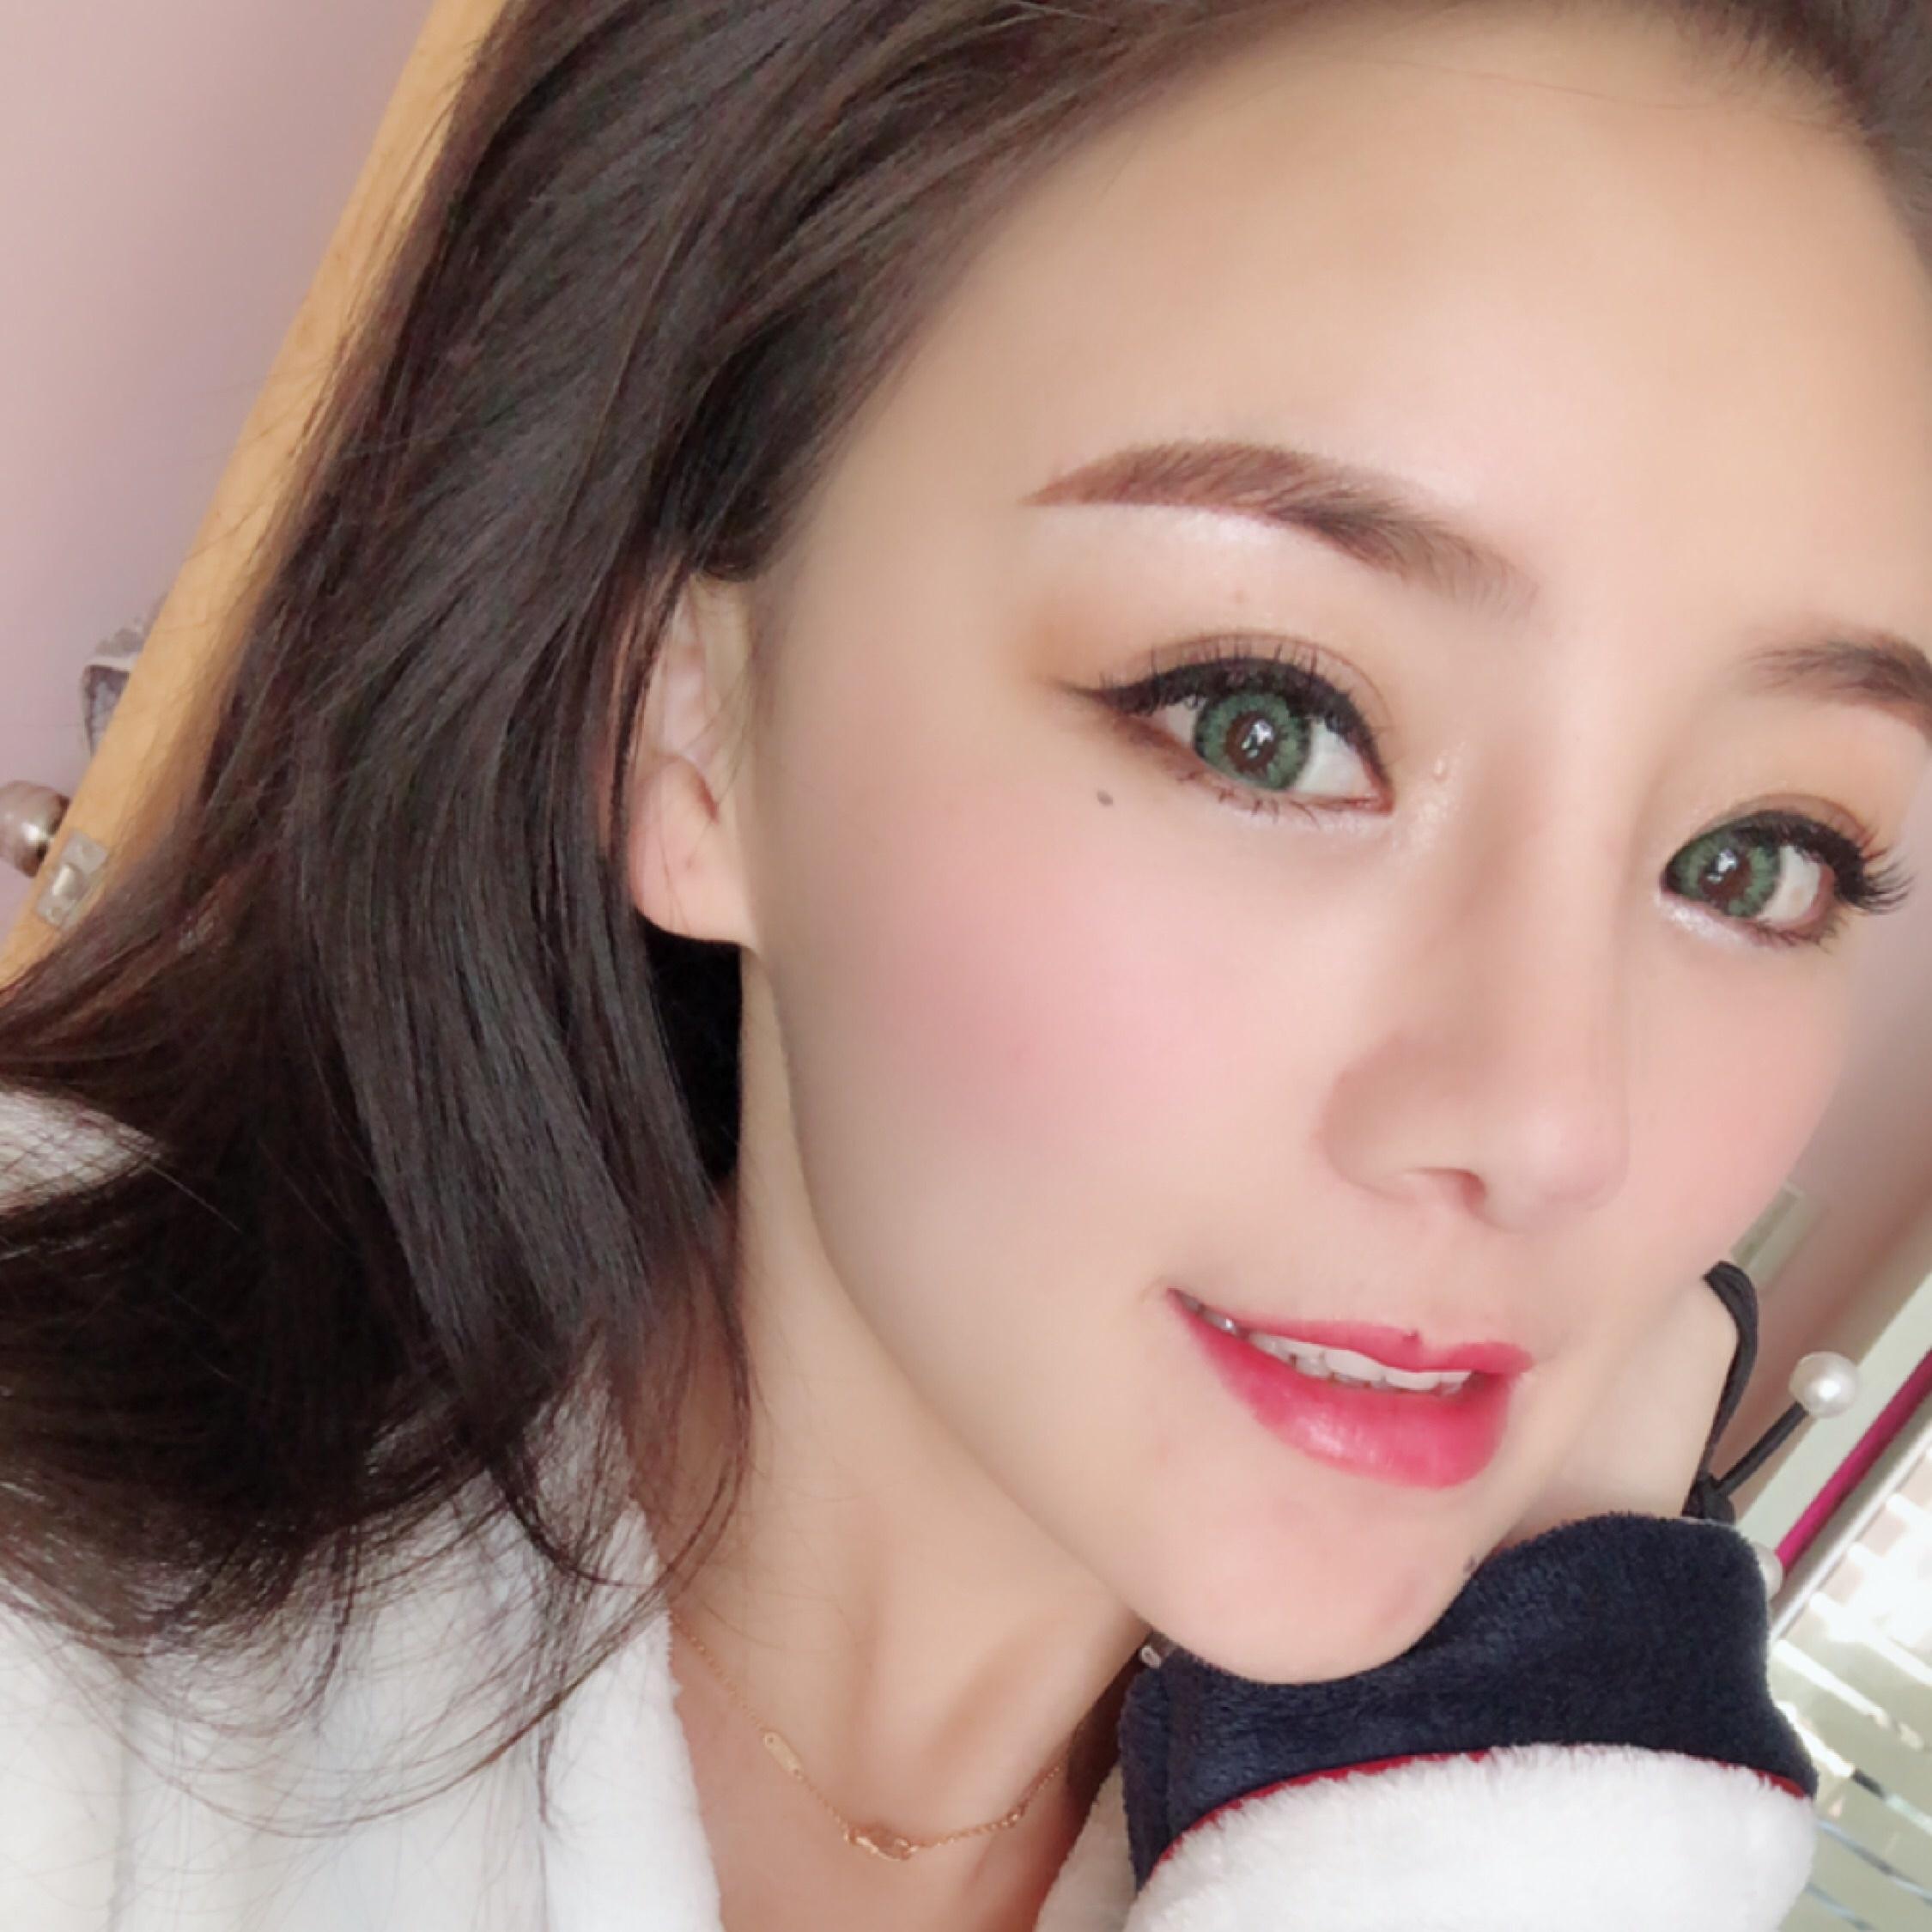 婷婷Vivian